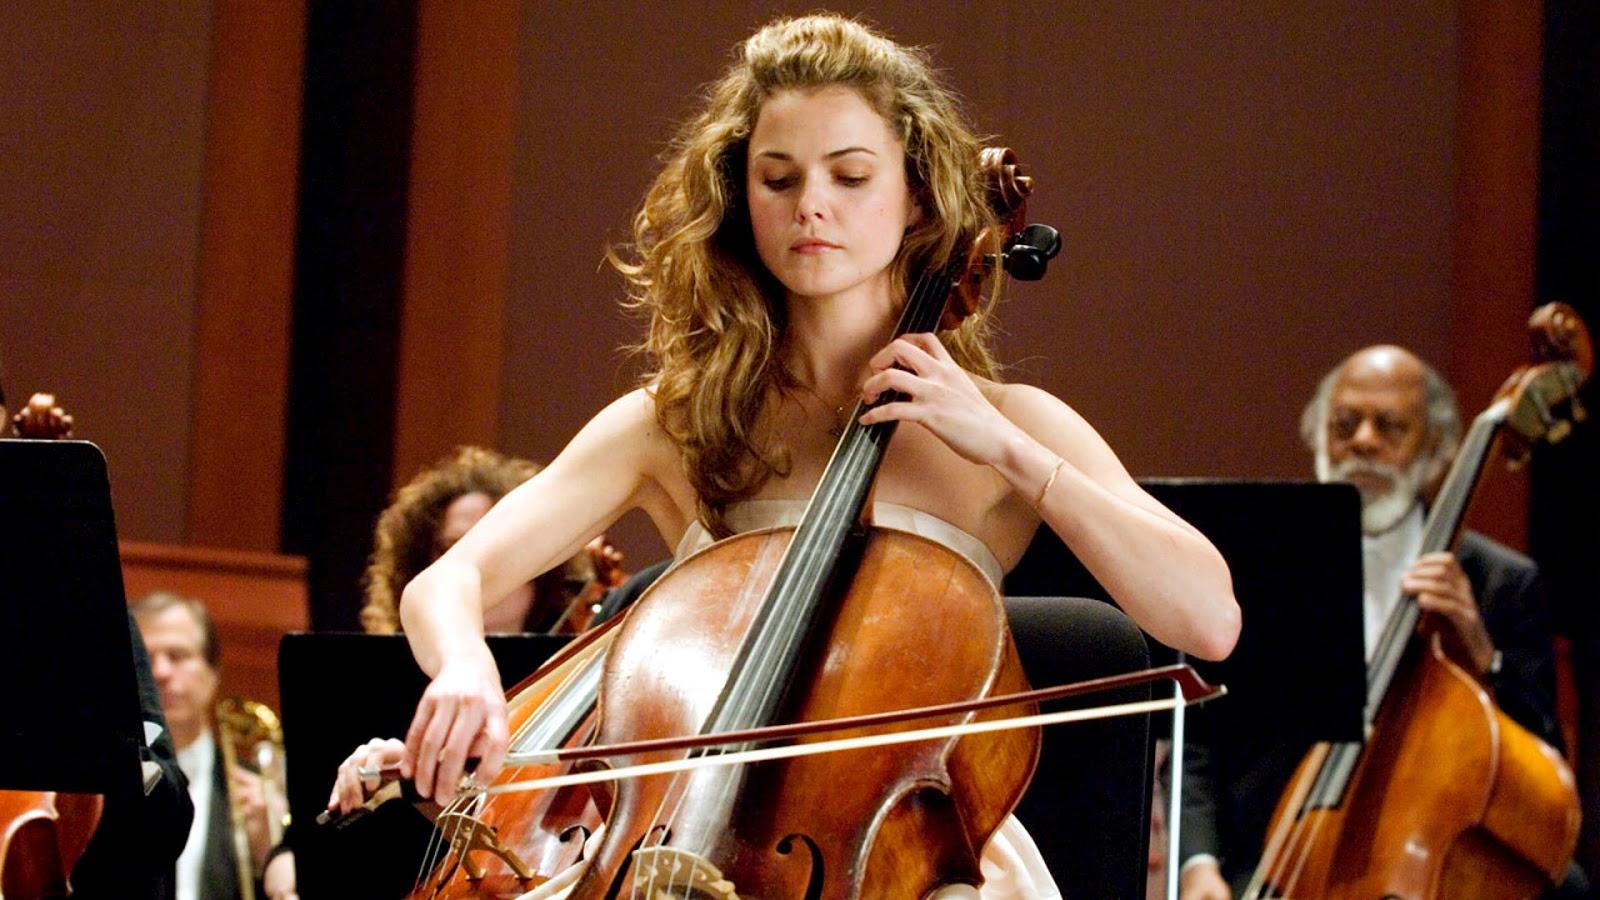 violoncello L'anima del mondo Alejandro Palomas Neri Pozza letturedikatja.com